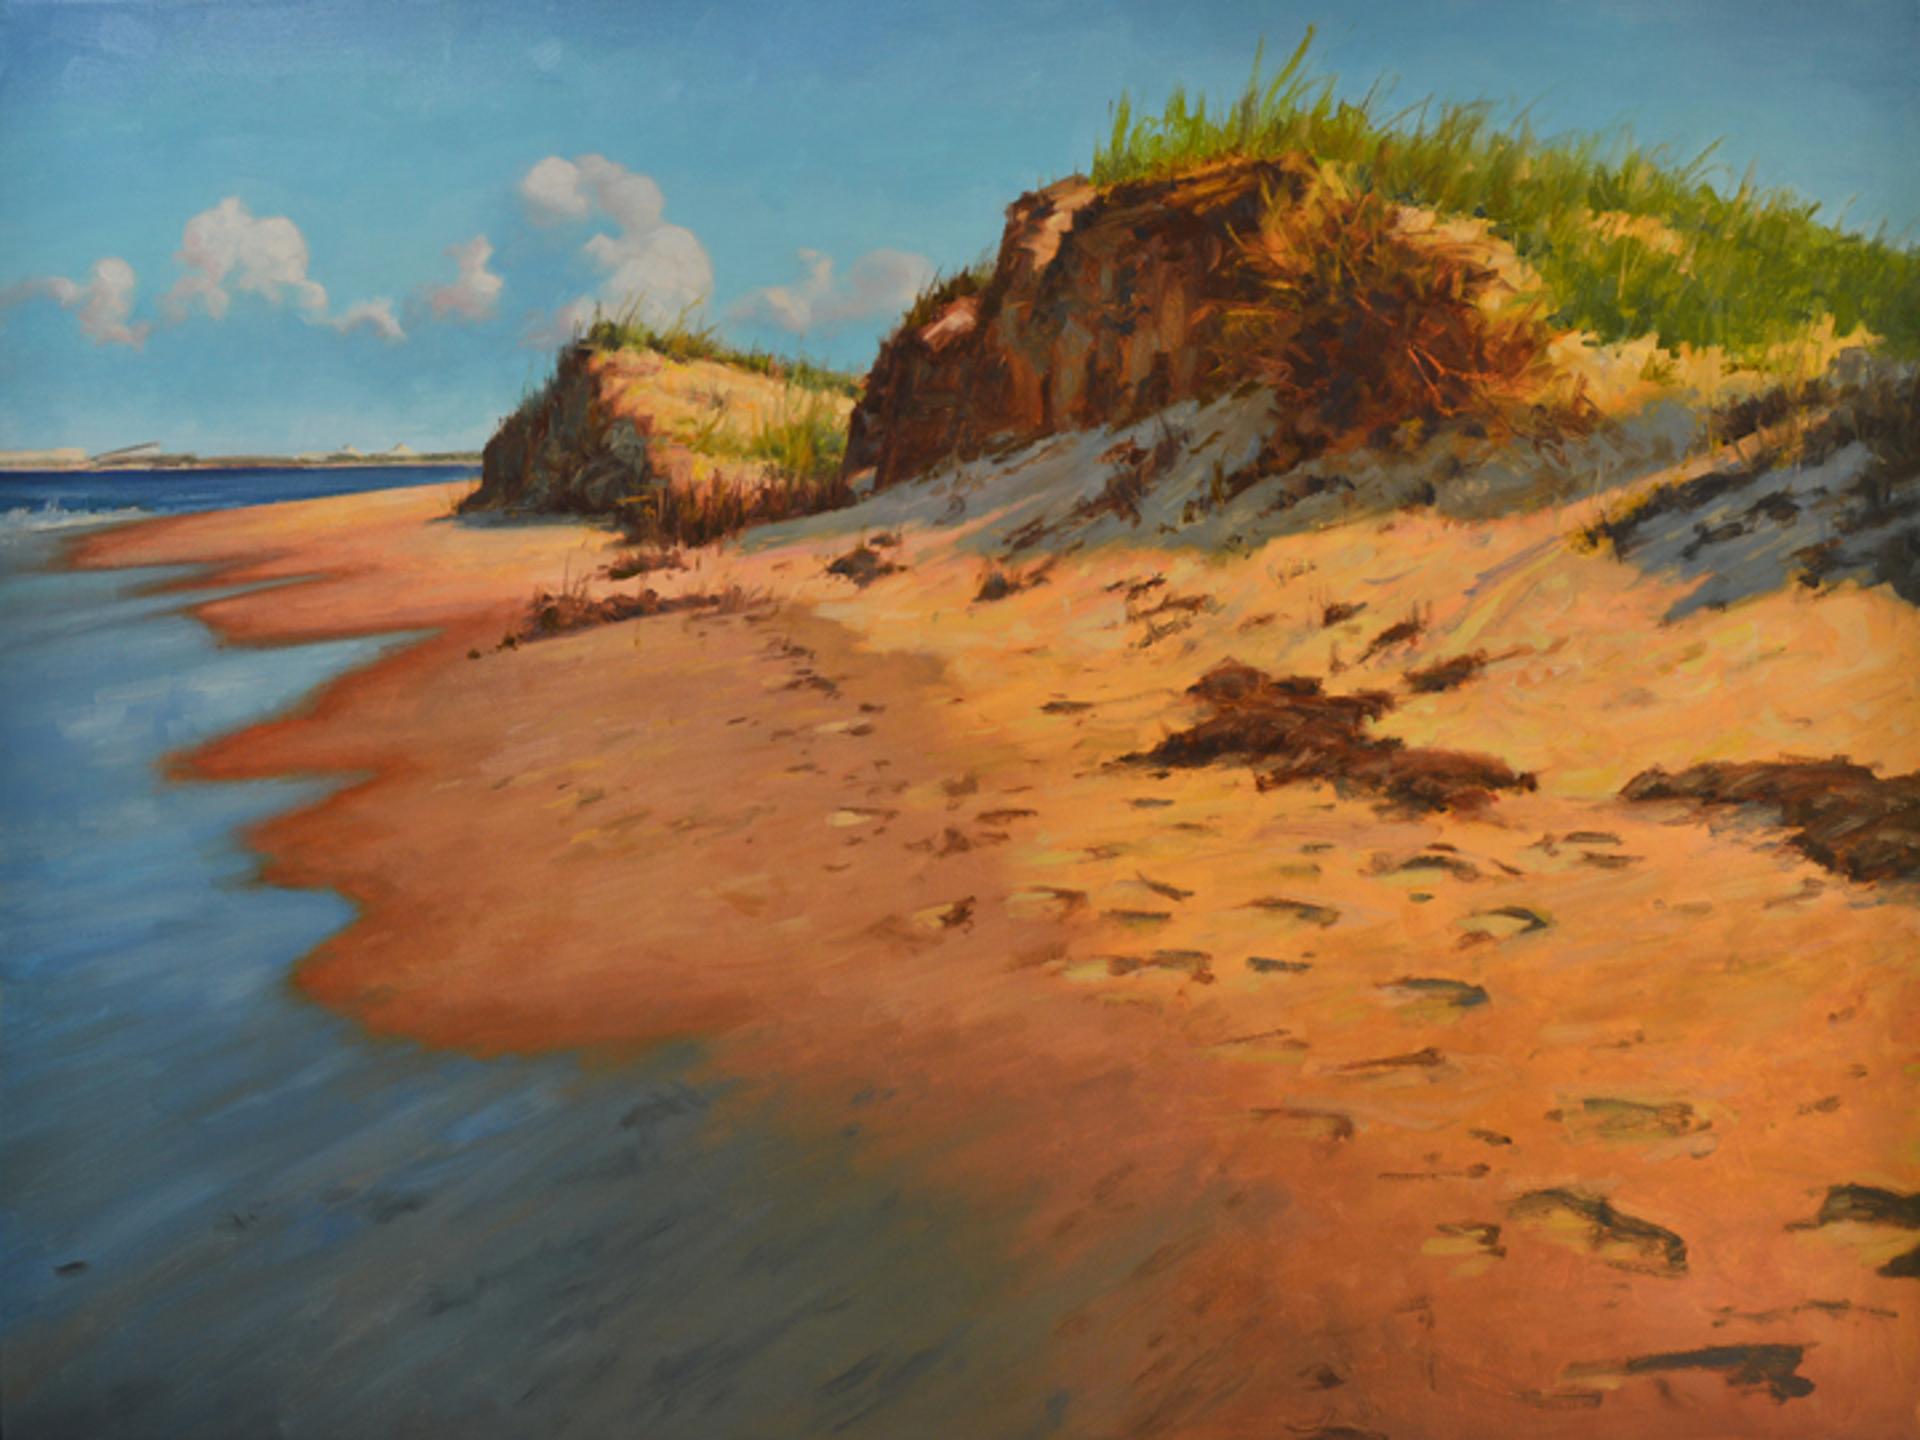 Along the Shore by Steven S. Walker